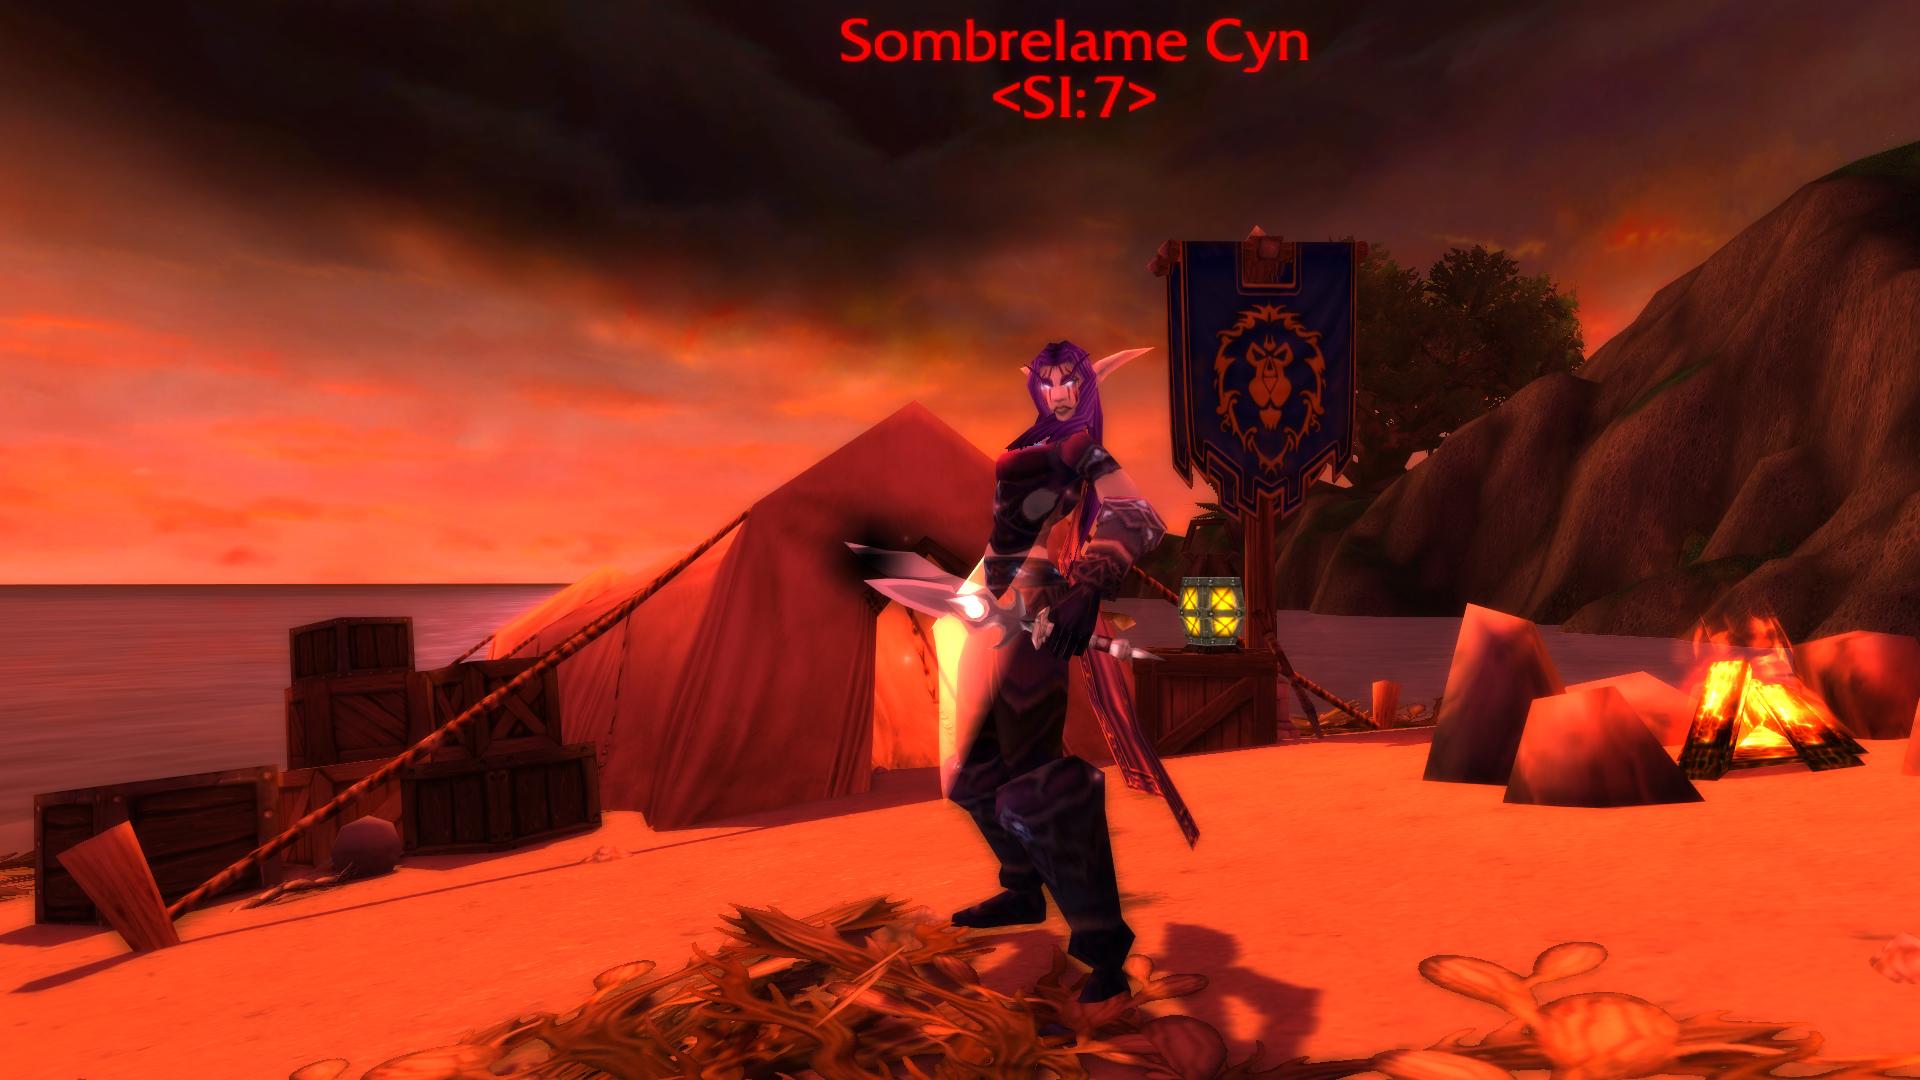 Sombrelame Cyn